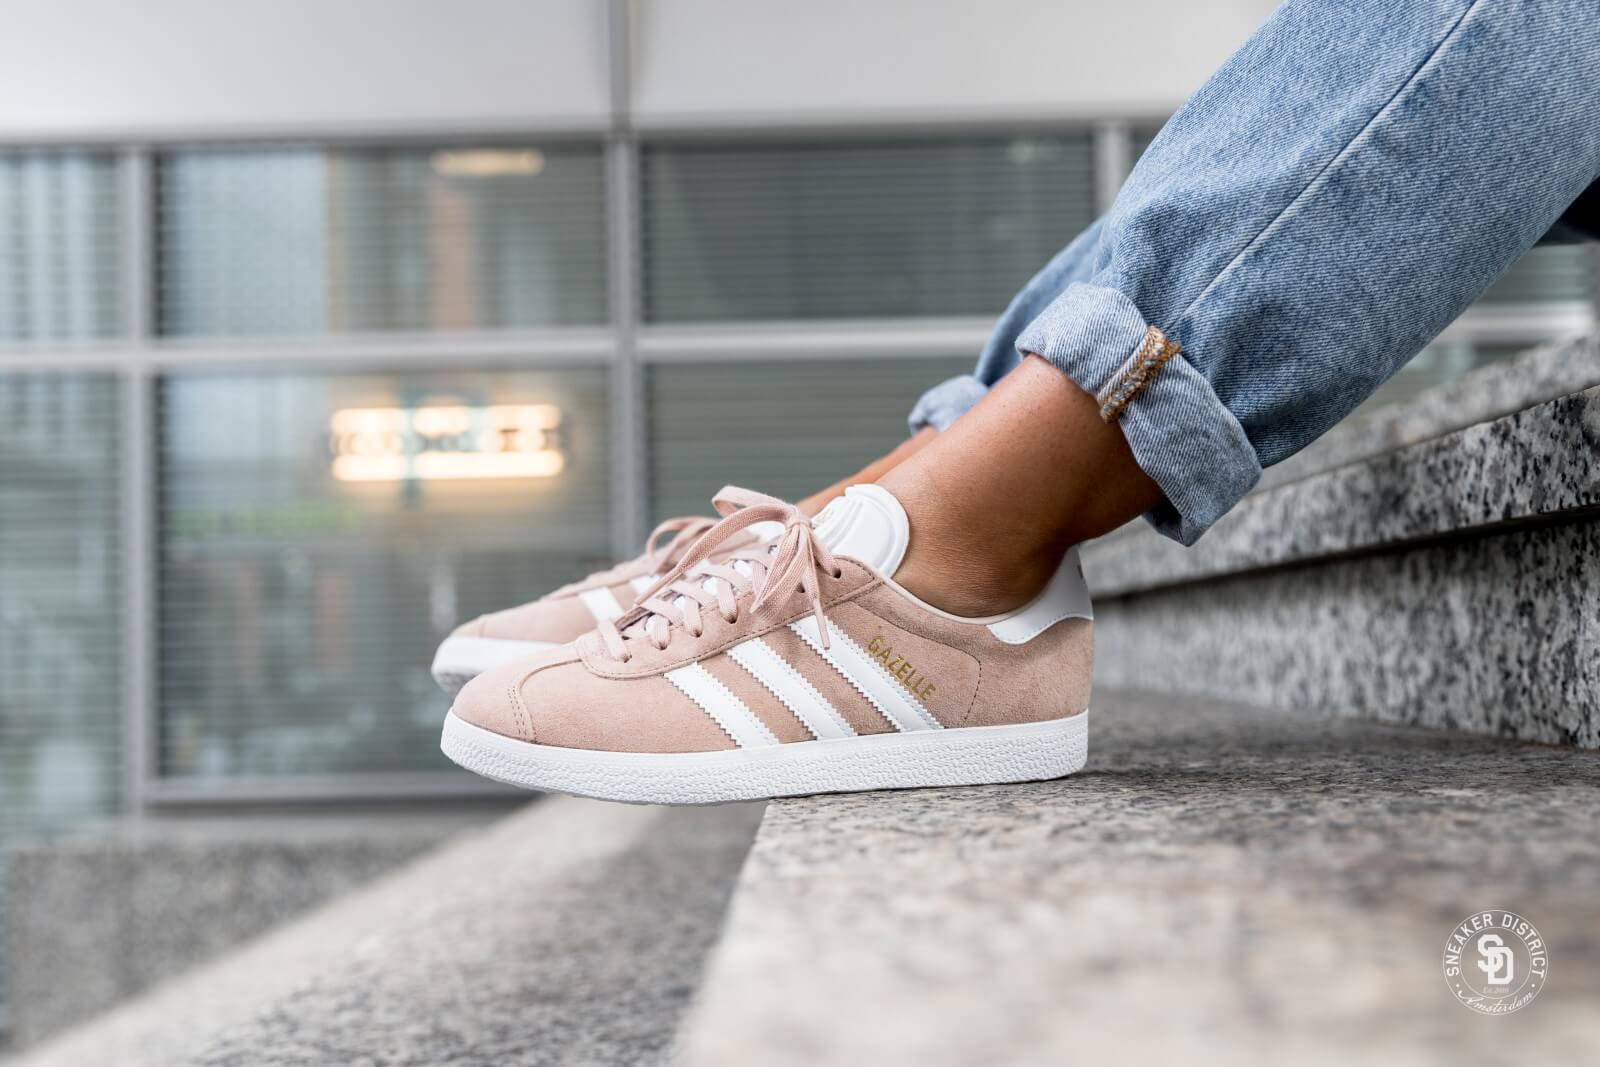 Adidas Women's Gazelle Ash Pearl/Footwear White/Linen - B41660